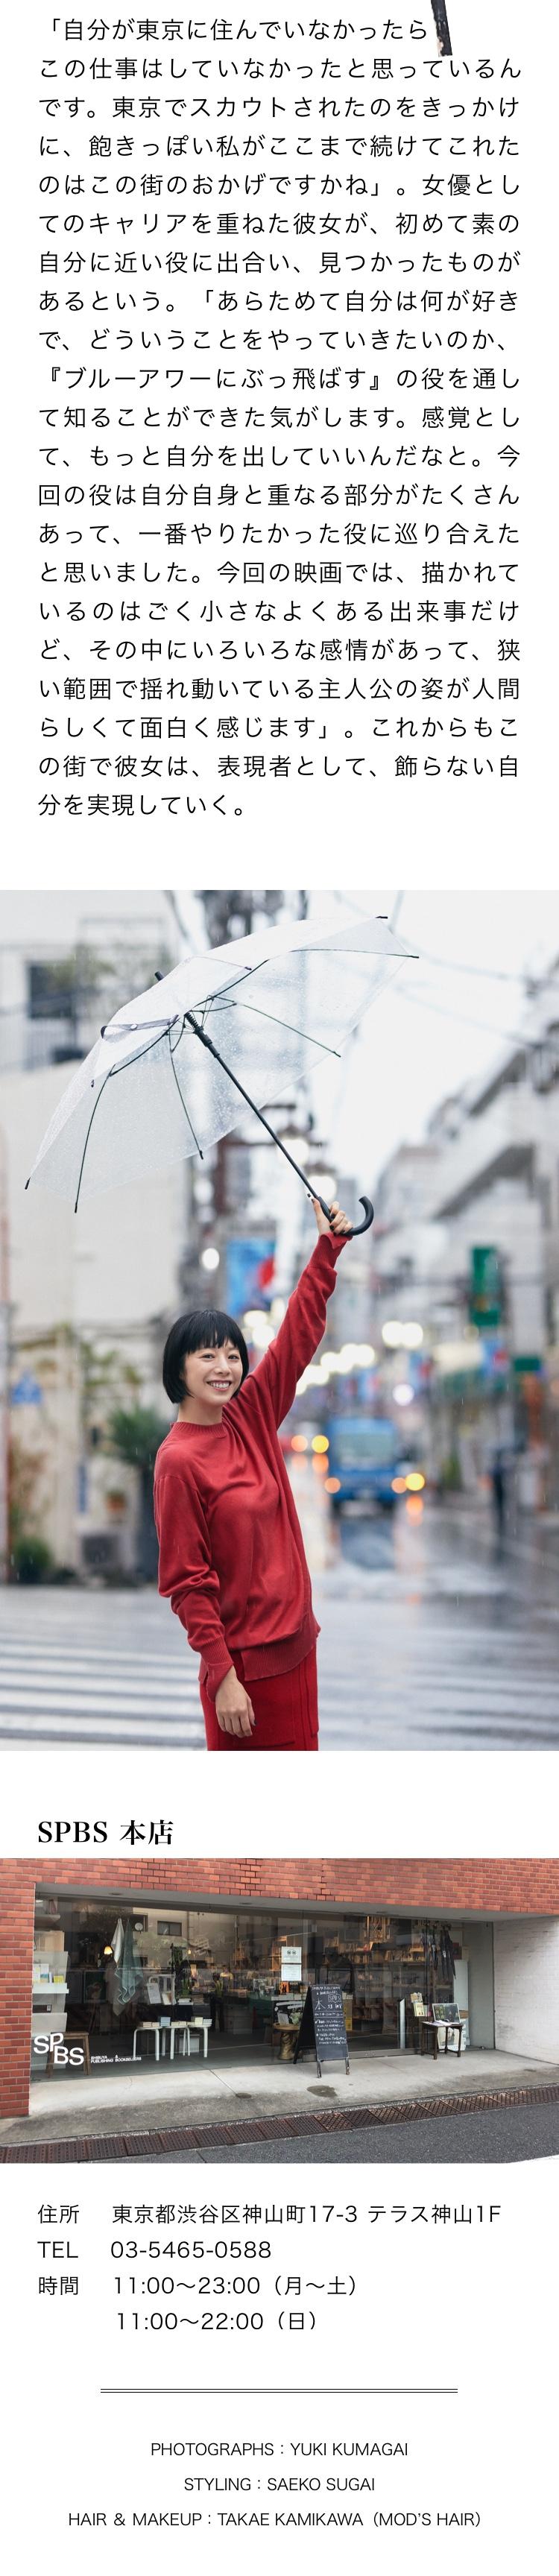 「自分が東京に住んでいなかったらこの仕事はしていなかったと思っているんです。東京でスカウトされたのをきっかけに、飽きっぽい私がここまで続けてこれたのはこの街のおかげですかね」。女優としてのキャリアを重ねた彼女が、初めて素の自分に近い役に出合い、見つかったものがあるという。「あらためて自分は何が好きで、どういうことをやっていきたいのか、『ブルーアワーにぶっ飛ばす』の役を通して知ることができた気がします。感覚として、もっと自分を出していいんだなと。今回の役は自分自身と重なる部分がたくさんあって、一番やりたかった役に巡り合えたと思いました。今回の映画では、描かれているのはごく小さなよくある出来事だけど、その中にいろいろな感情があって、狭い範囲で揺れ動いている主人公の姿が人間らしくて面白く感じます」。これからもこの街で彼女は、表現者として、飾らない自分を実現していく。SPBS 本店 住所 東京都渋谷区神山町17-3 テラス神山1F TEL 03-5465-0588 時間  11:00~23:00(月~土) 11:00~22:00(日)PHOTOGRAPHS:YUKI KUMAGAI STYLING:SAEKO SUGAI HAIR & MAKEUP:TAKAE KAMIKAWA(MOD'S HAIR)